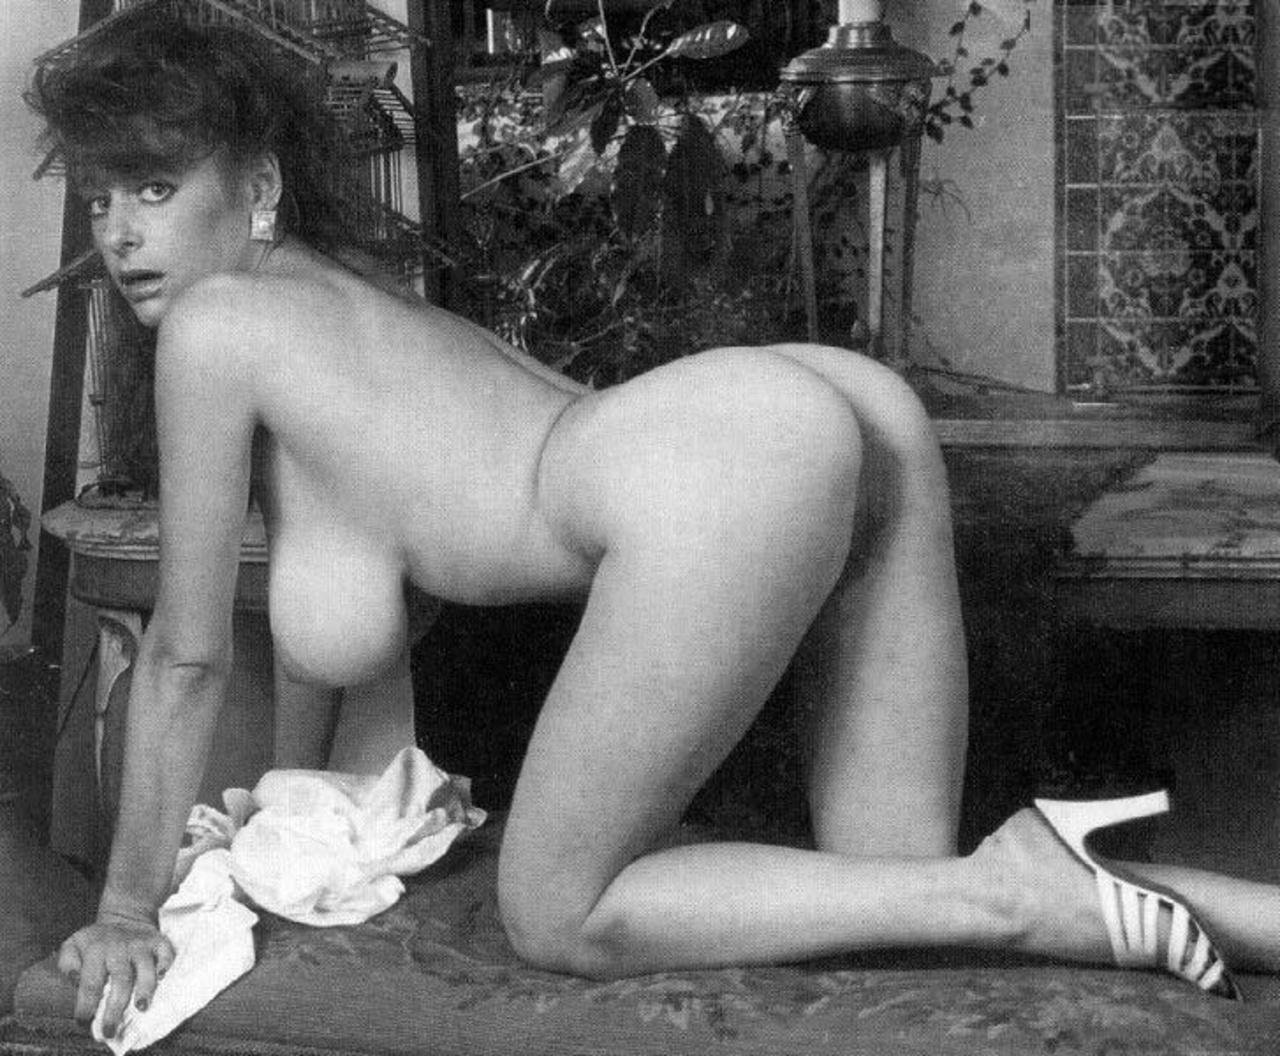 Эротика 70х ссср, Эротические фото 60-70х годов 11 фотография